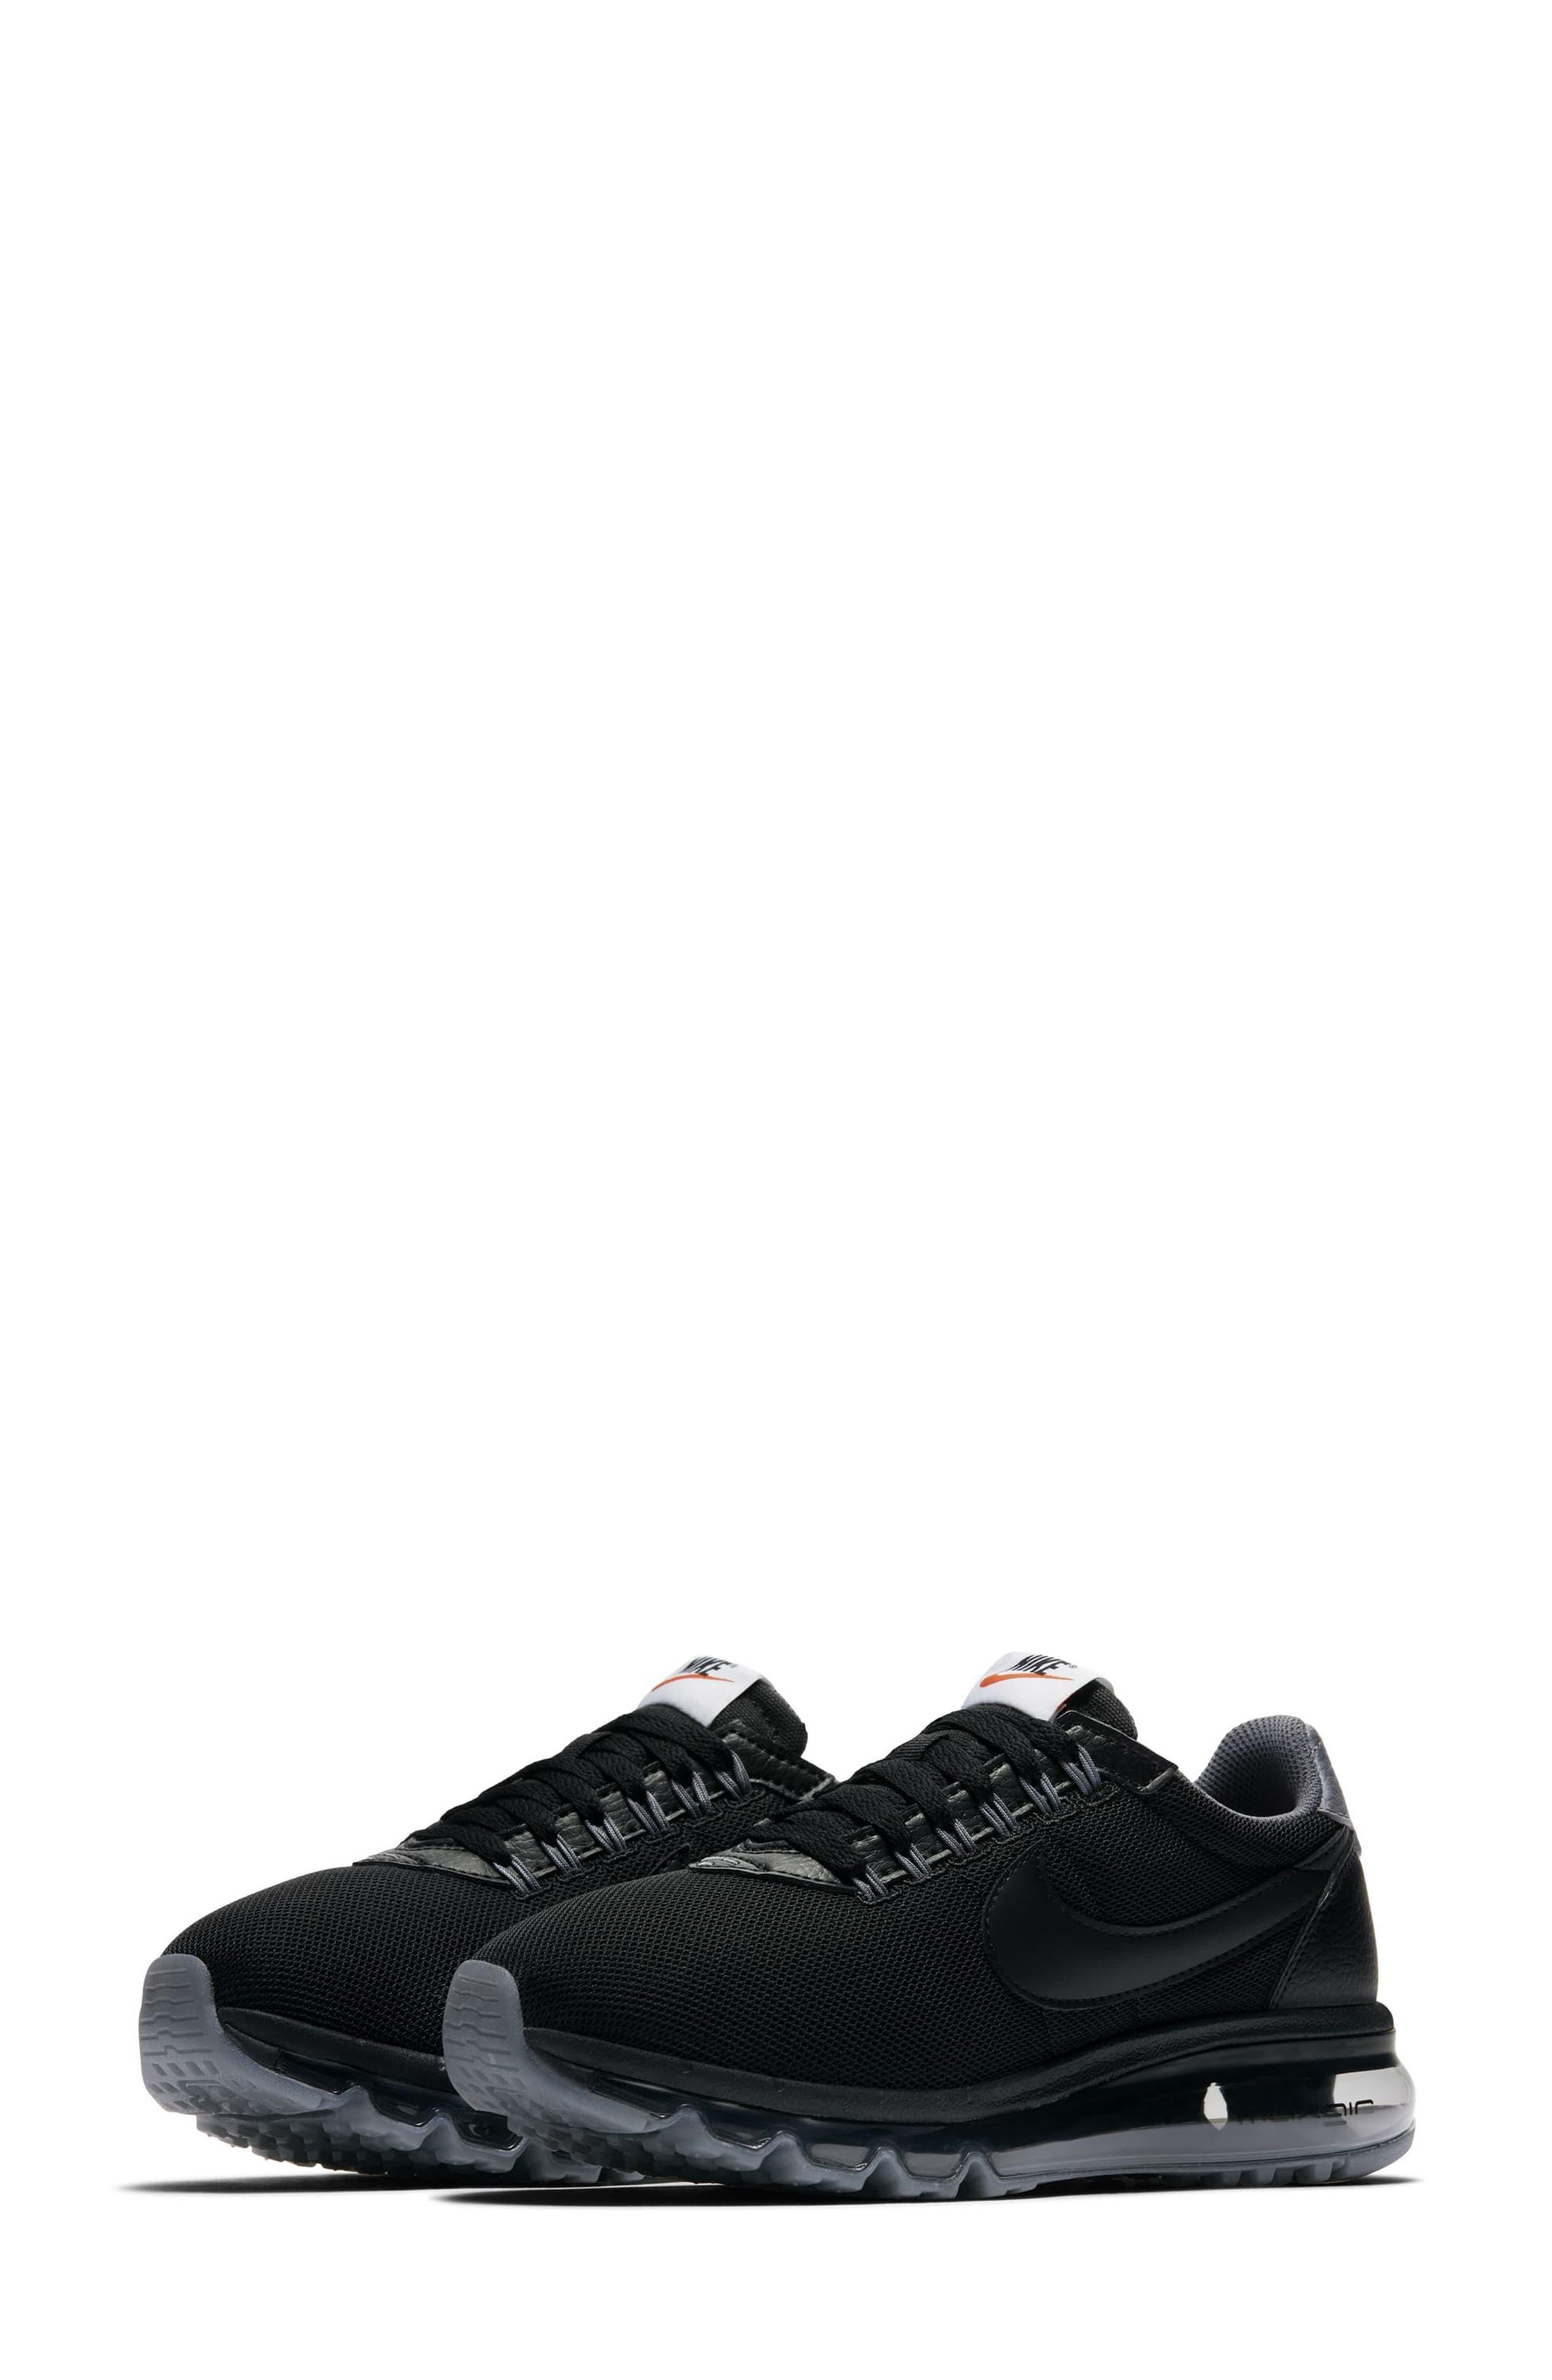 Alternate Image 1 Selected - Nike Air Max LD-Zero Sneaker (Women)